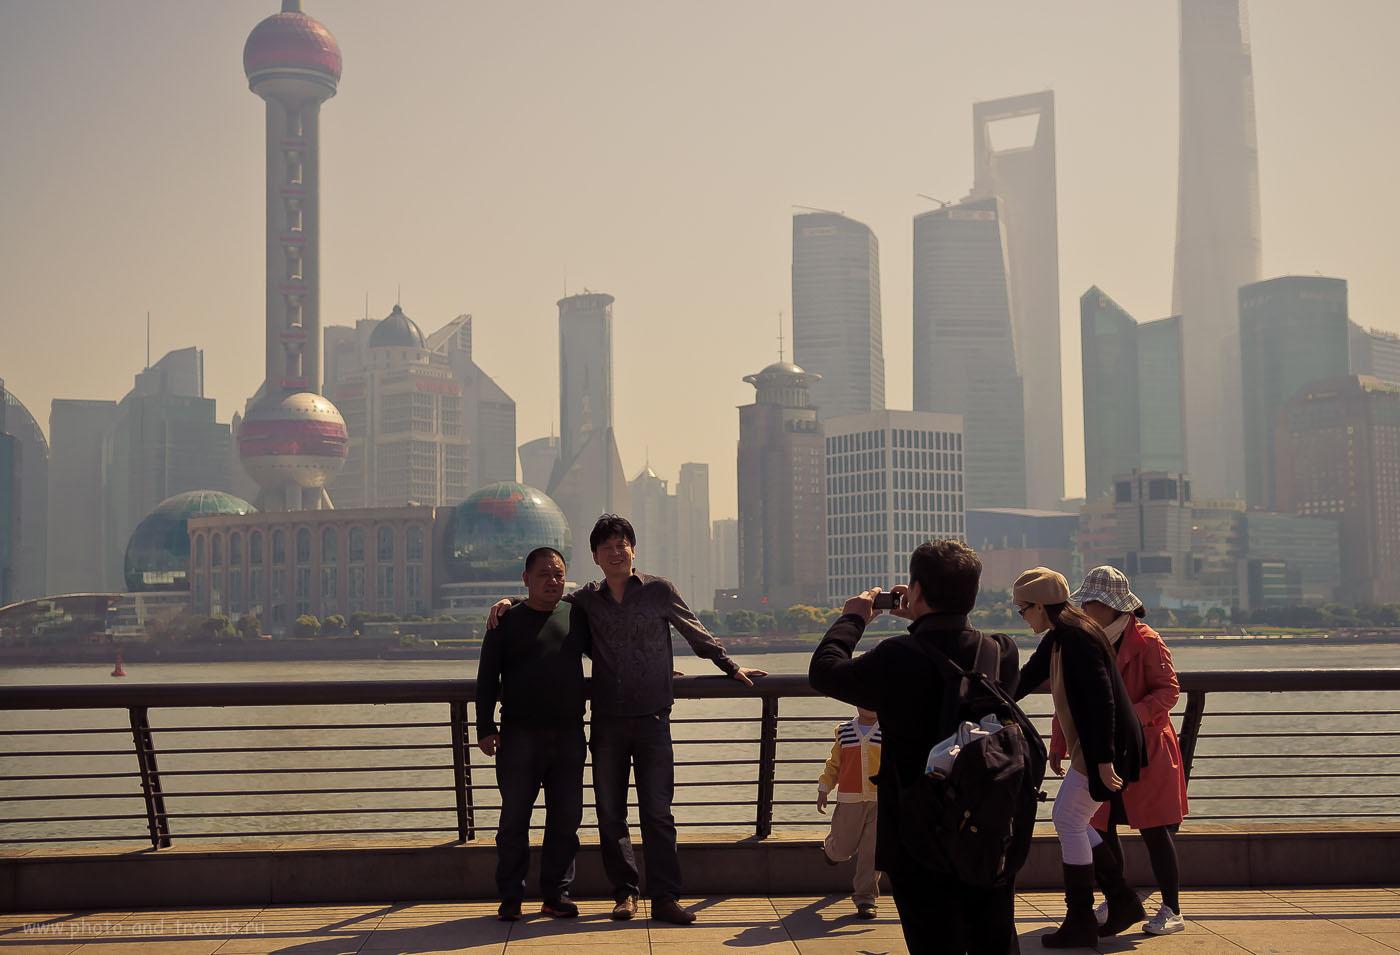 12. Так сними, сними меня, фотограф, с другом Линлин Вэй, чтобы память осталась об этом счастливом дне на берегу реку Хуанпу. Гуляем по Шанхаю самостоятельно. Отчет о путешествии по Китаю.